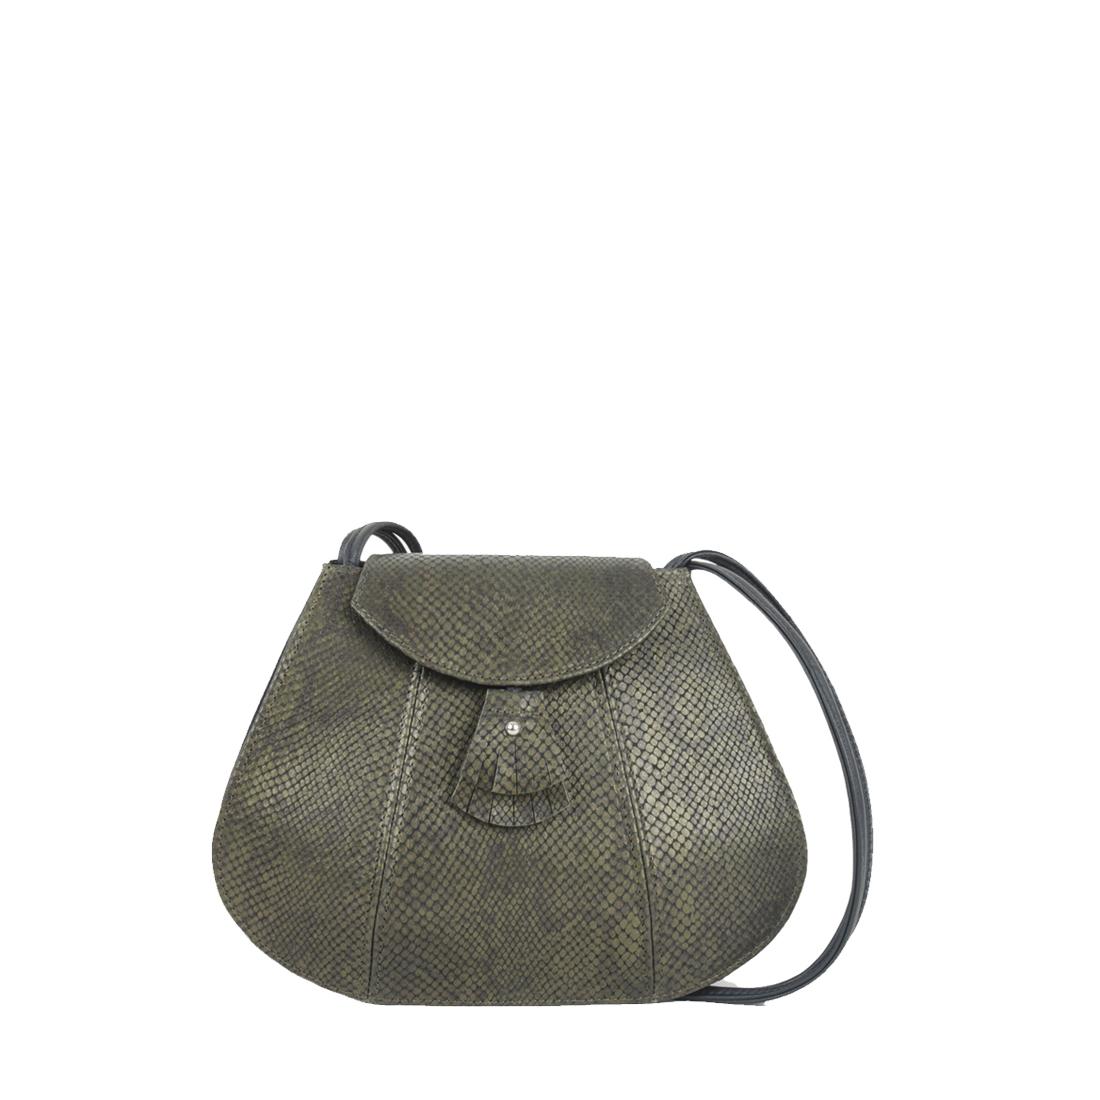 Florence Olive snake Print Leather Shoulder Bag